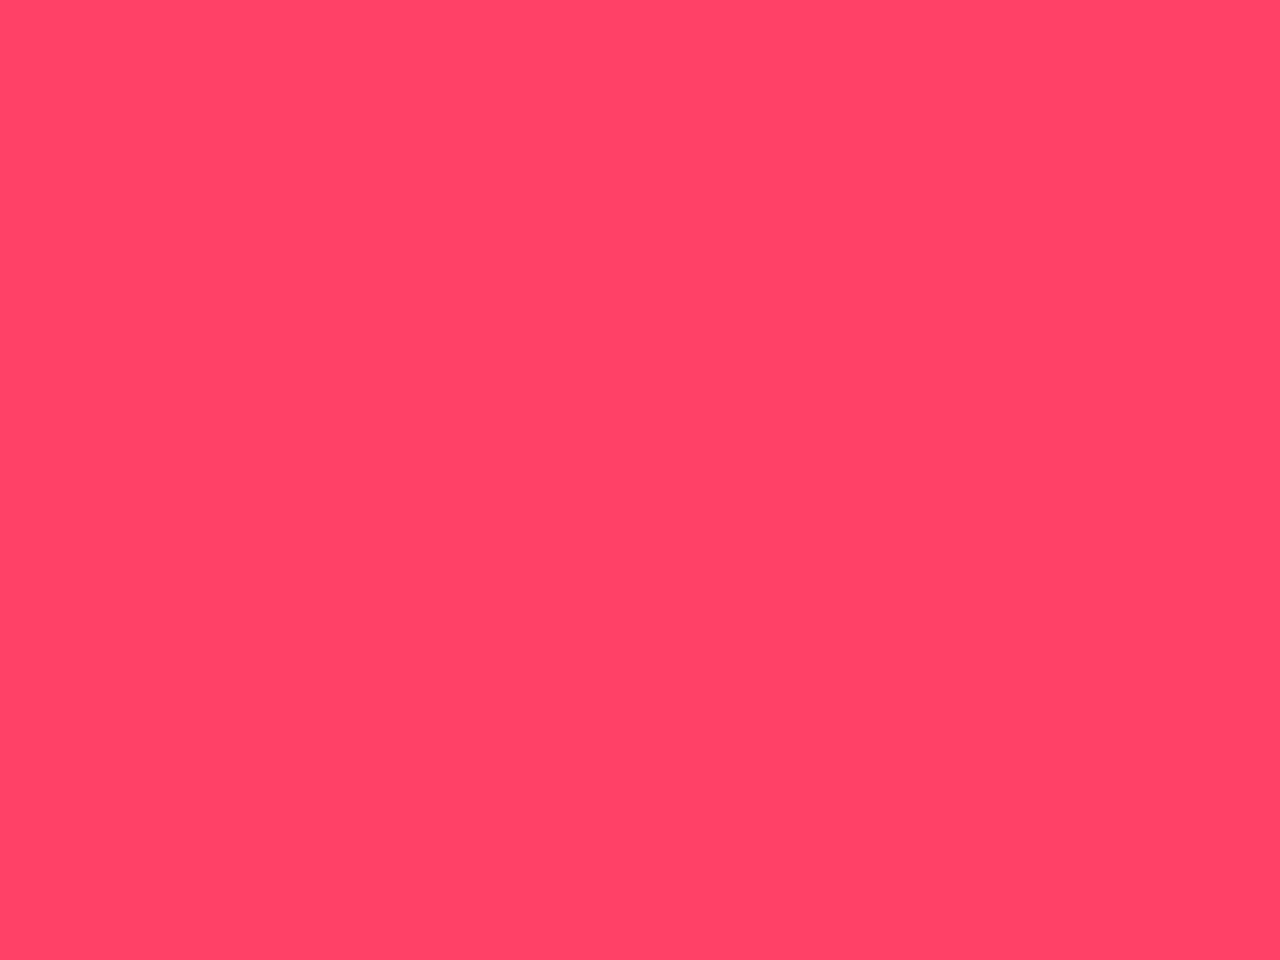 1280x960 Neon Fuchsia Solid Color Background